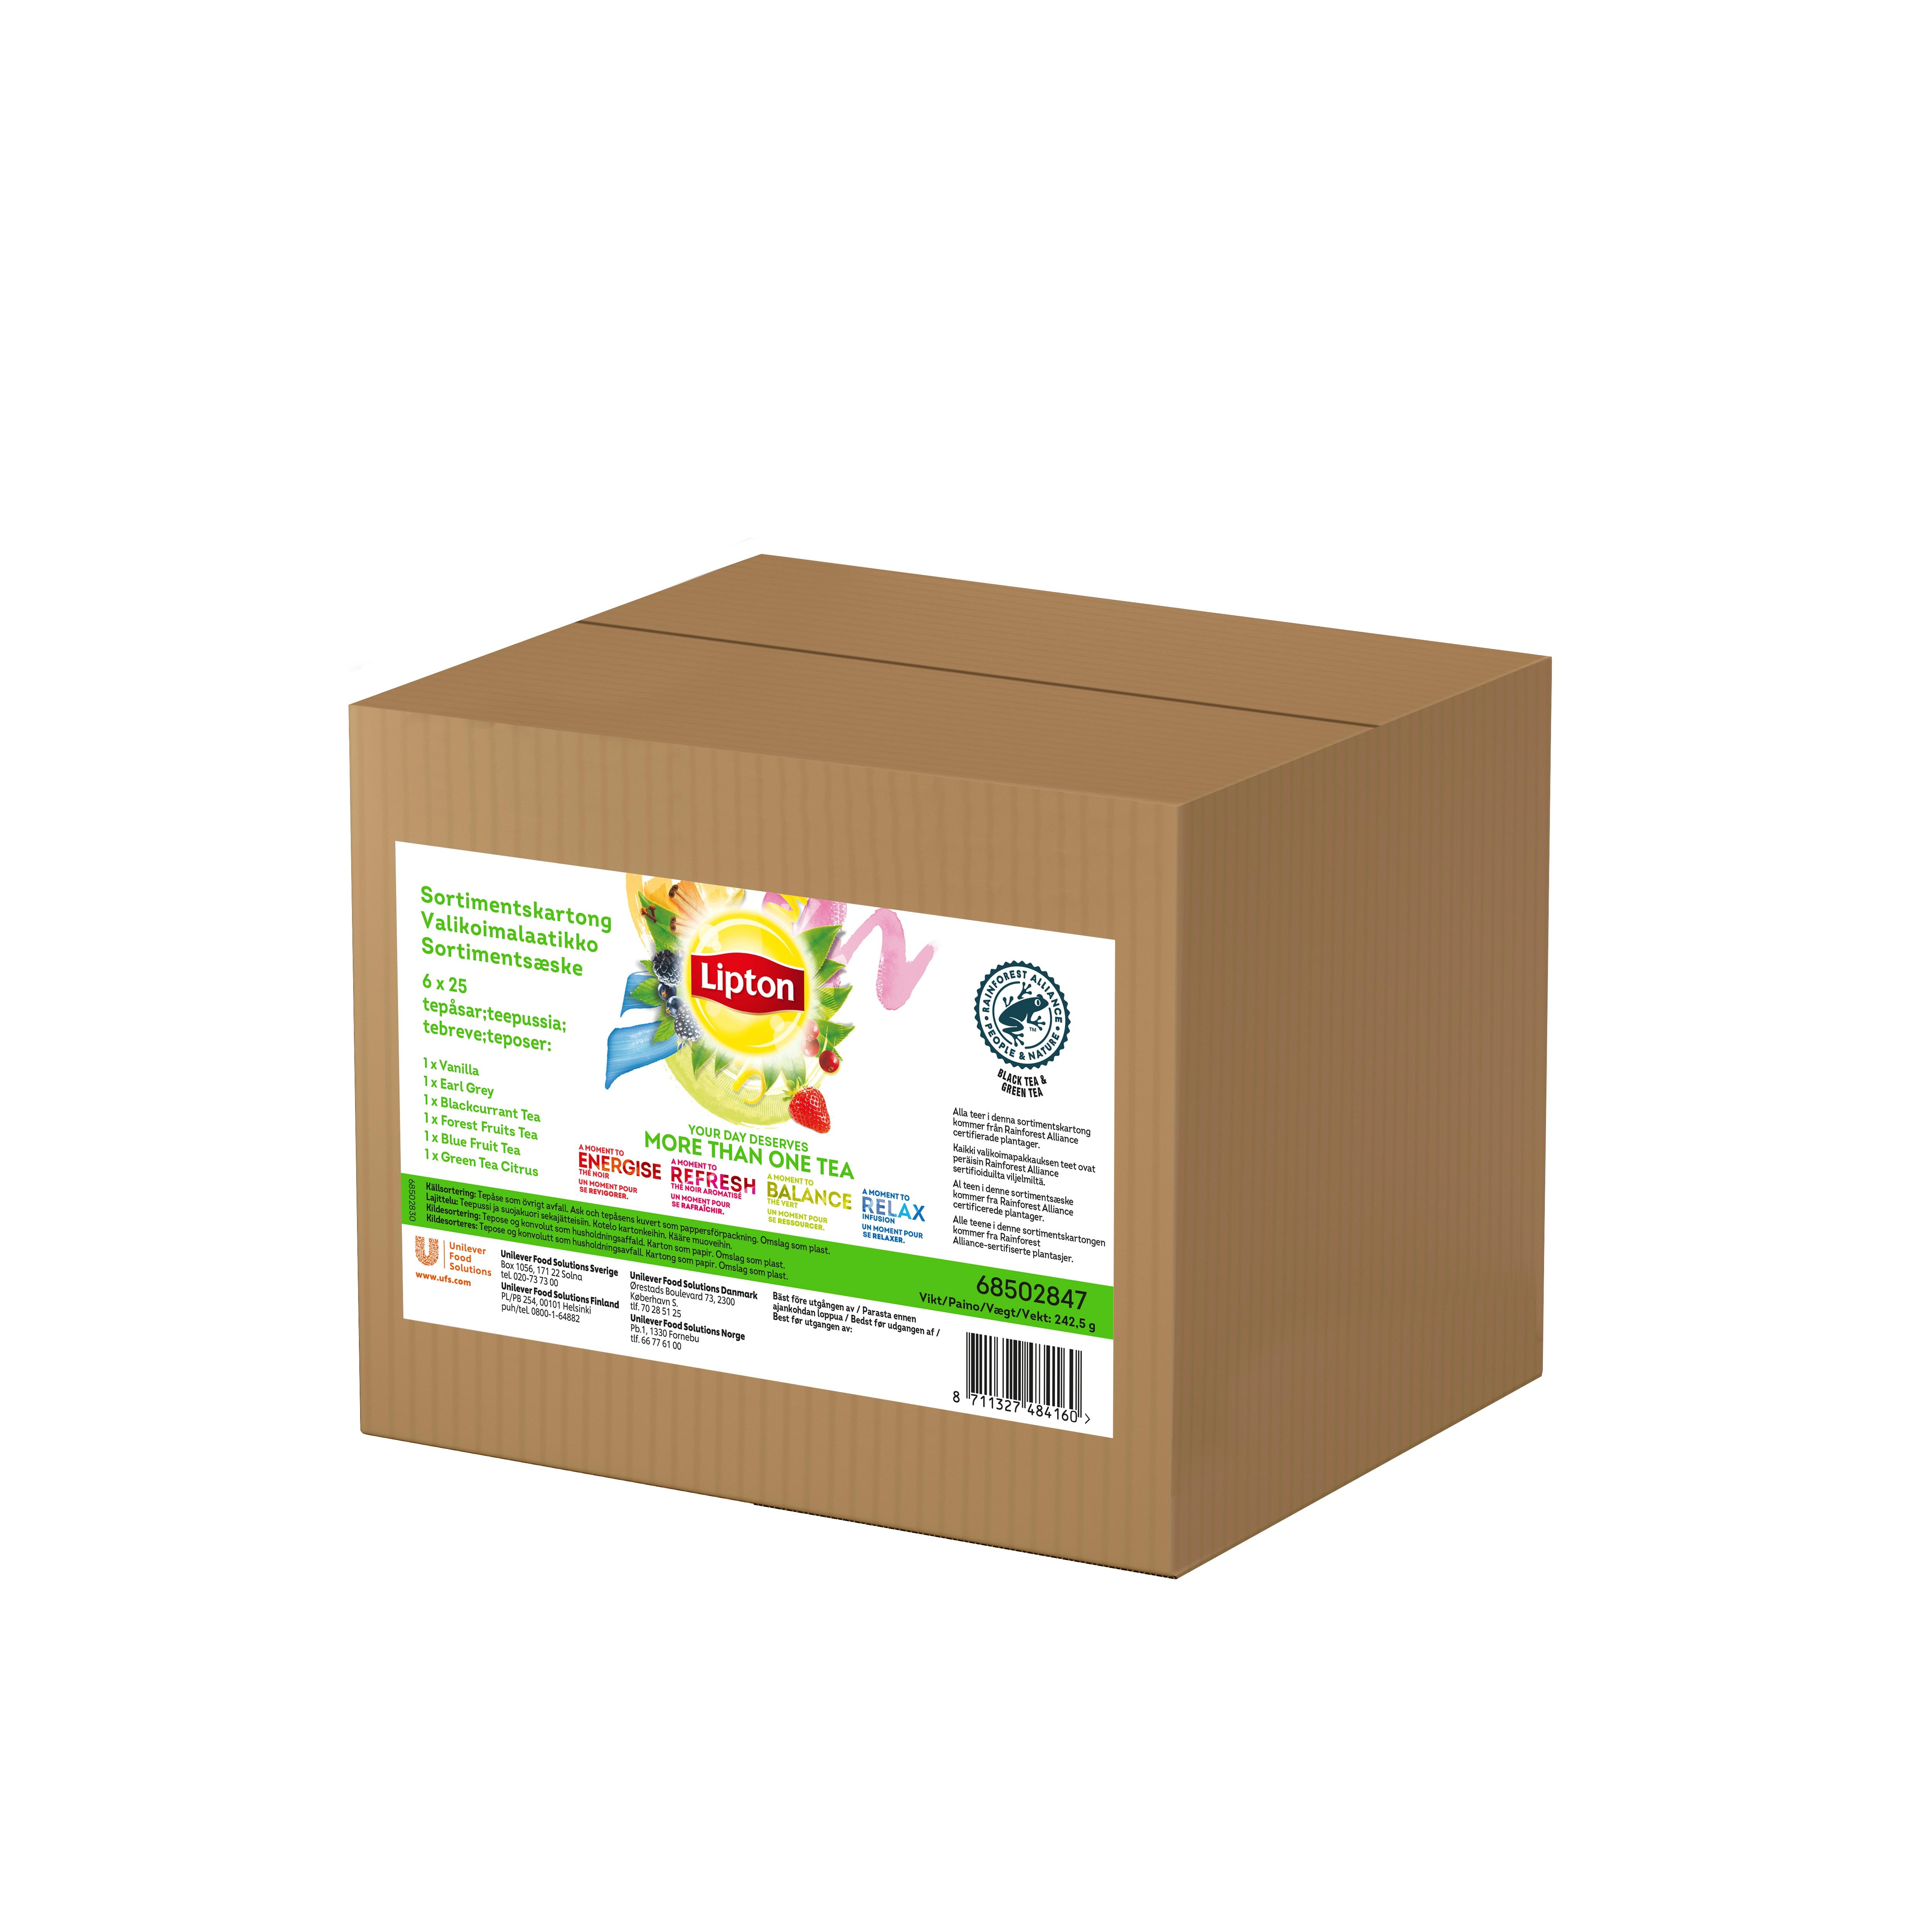 Lipton Sortimentskartong te 6x25ps -